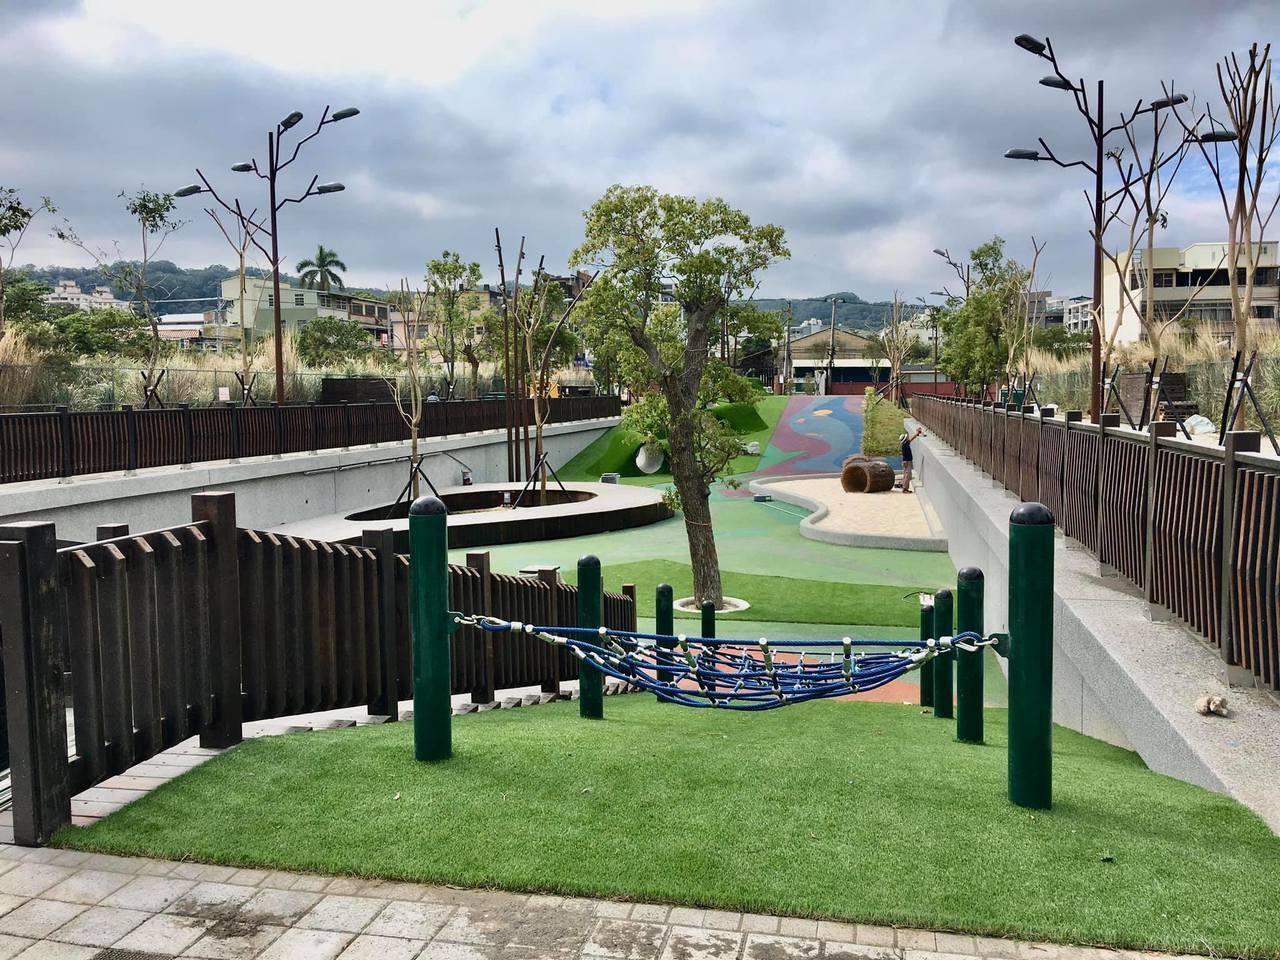 兒童遊憩設施採用共融式設計,拋開罐頭遊具的使用,讓孩子可以在公園盡情訓練手眼協調...